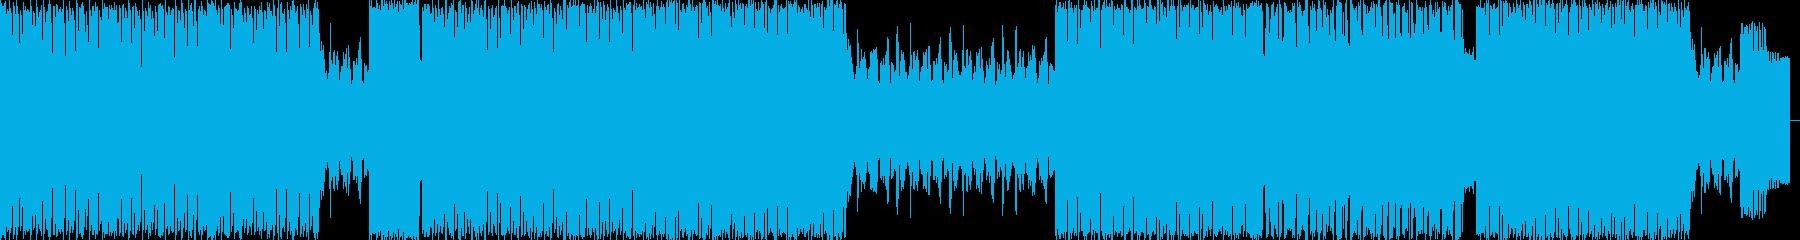 パワフルではじけるエレクトロハウスの再生済みの波形